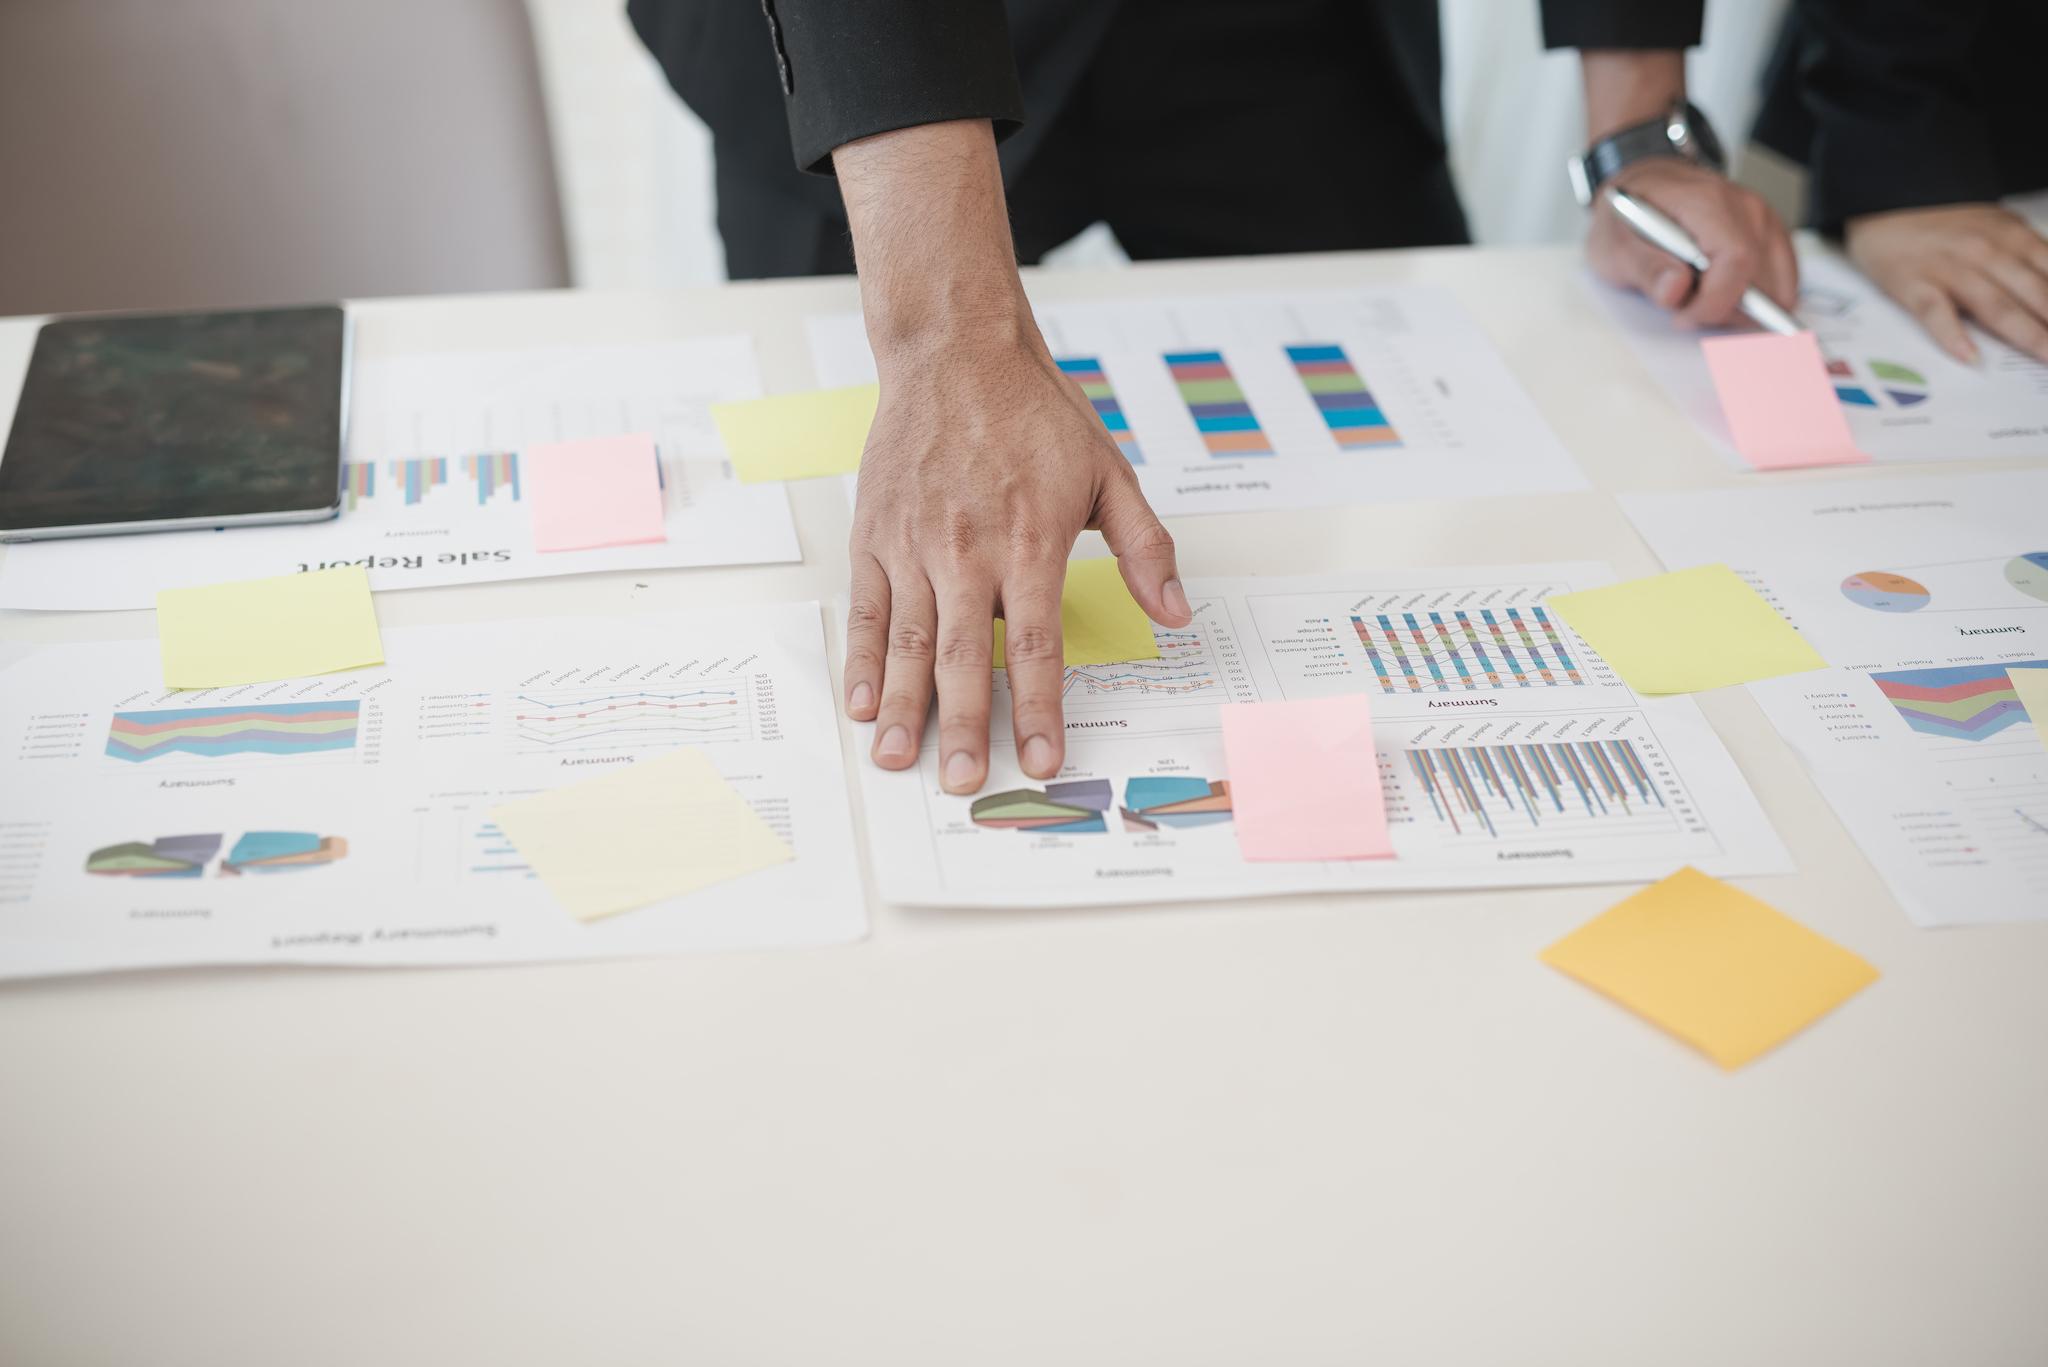 Medewerker is bezig met het maken van een grafische planning